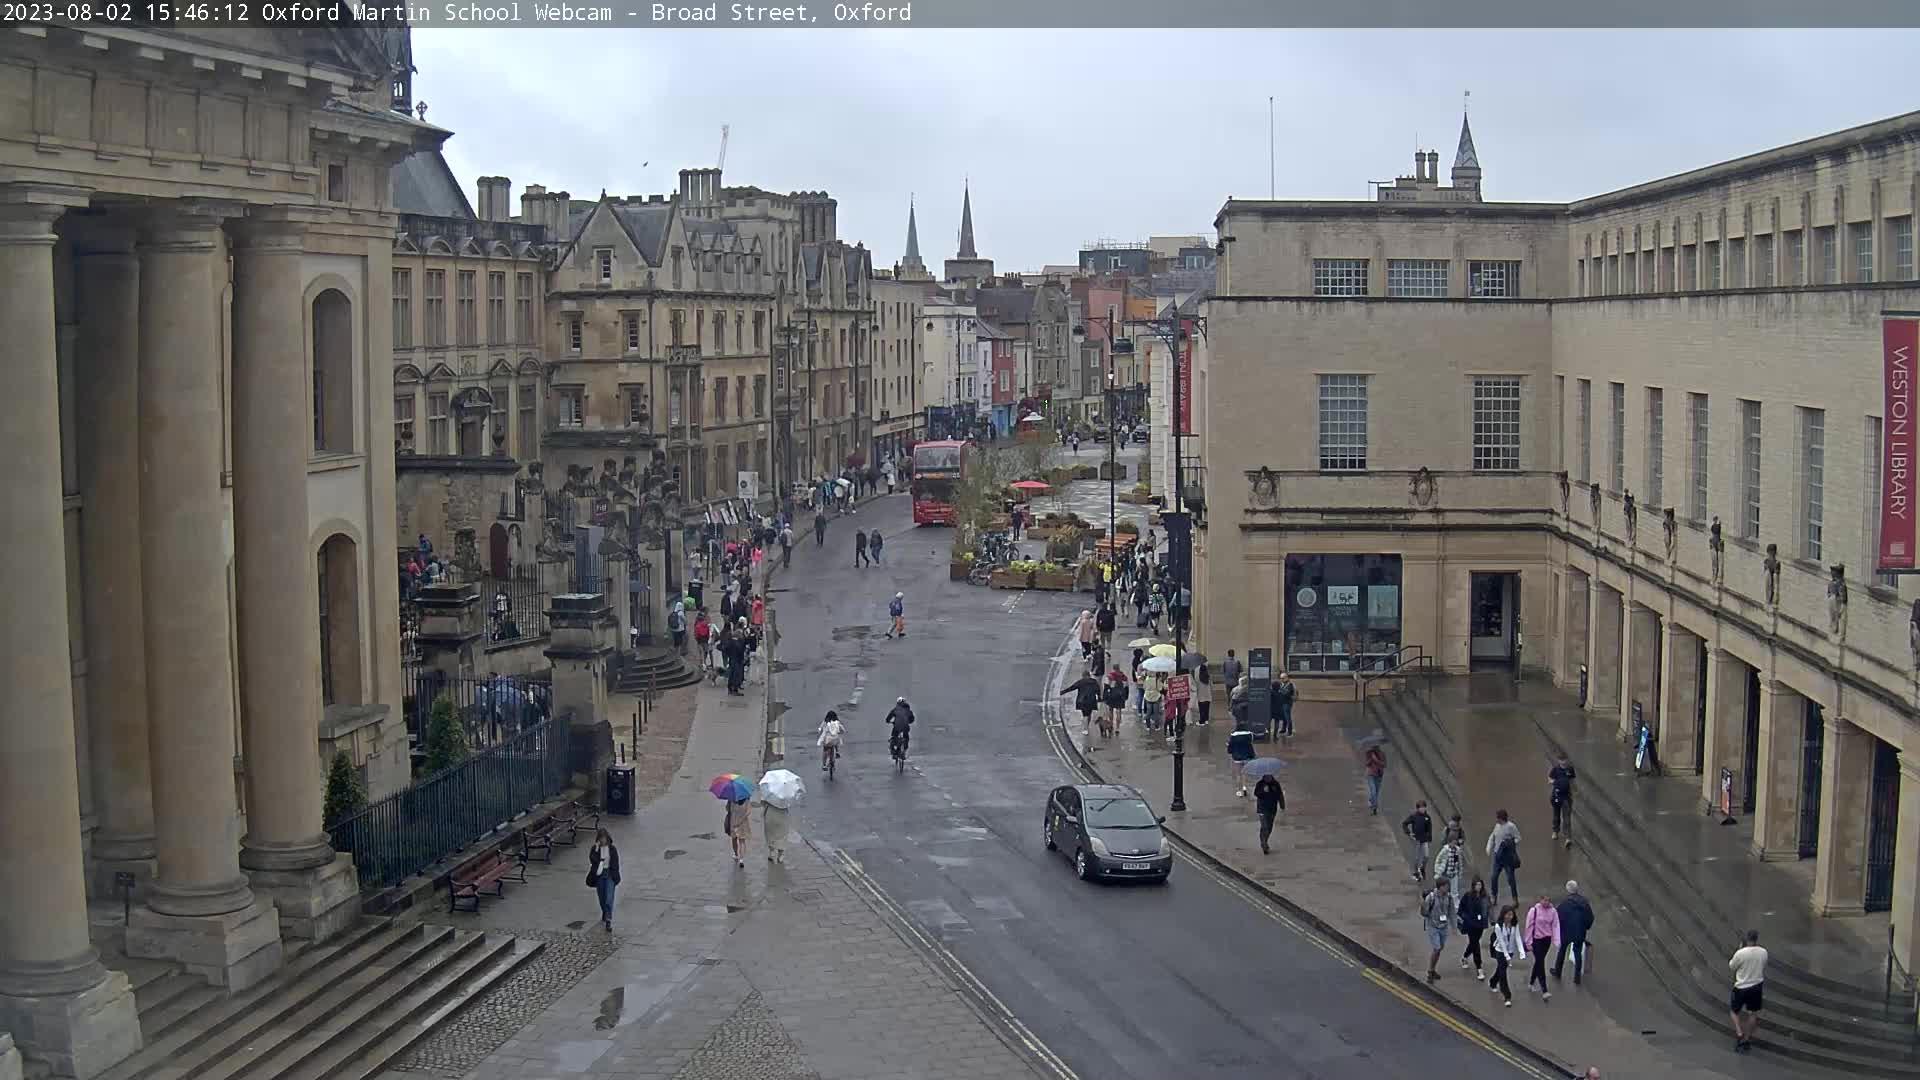 Oxford Sun. 15:46